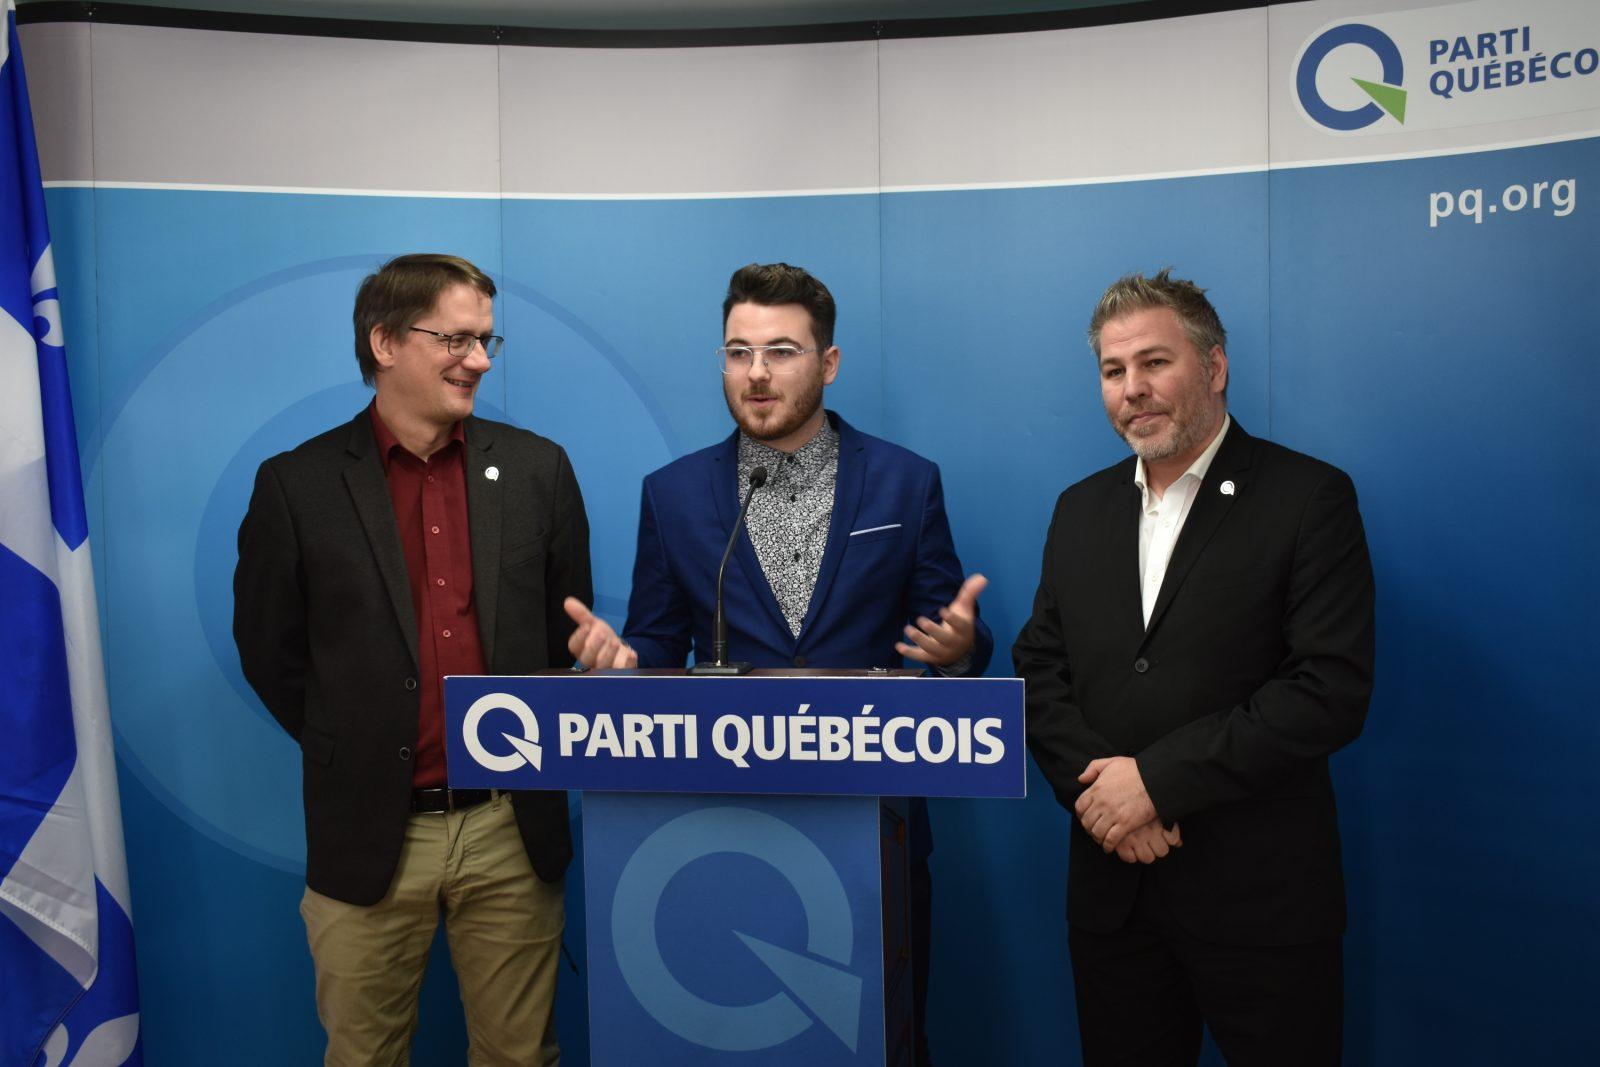 La Parti québécois mise à nouveau sur Thomas Gaudreault